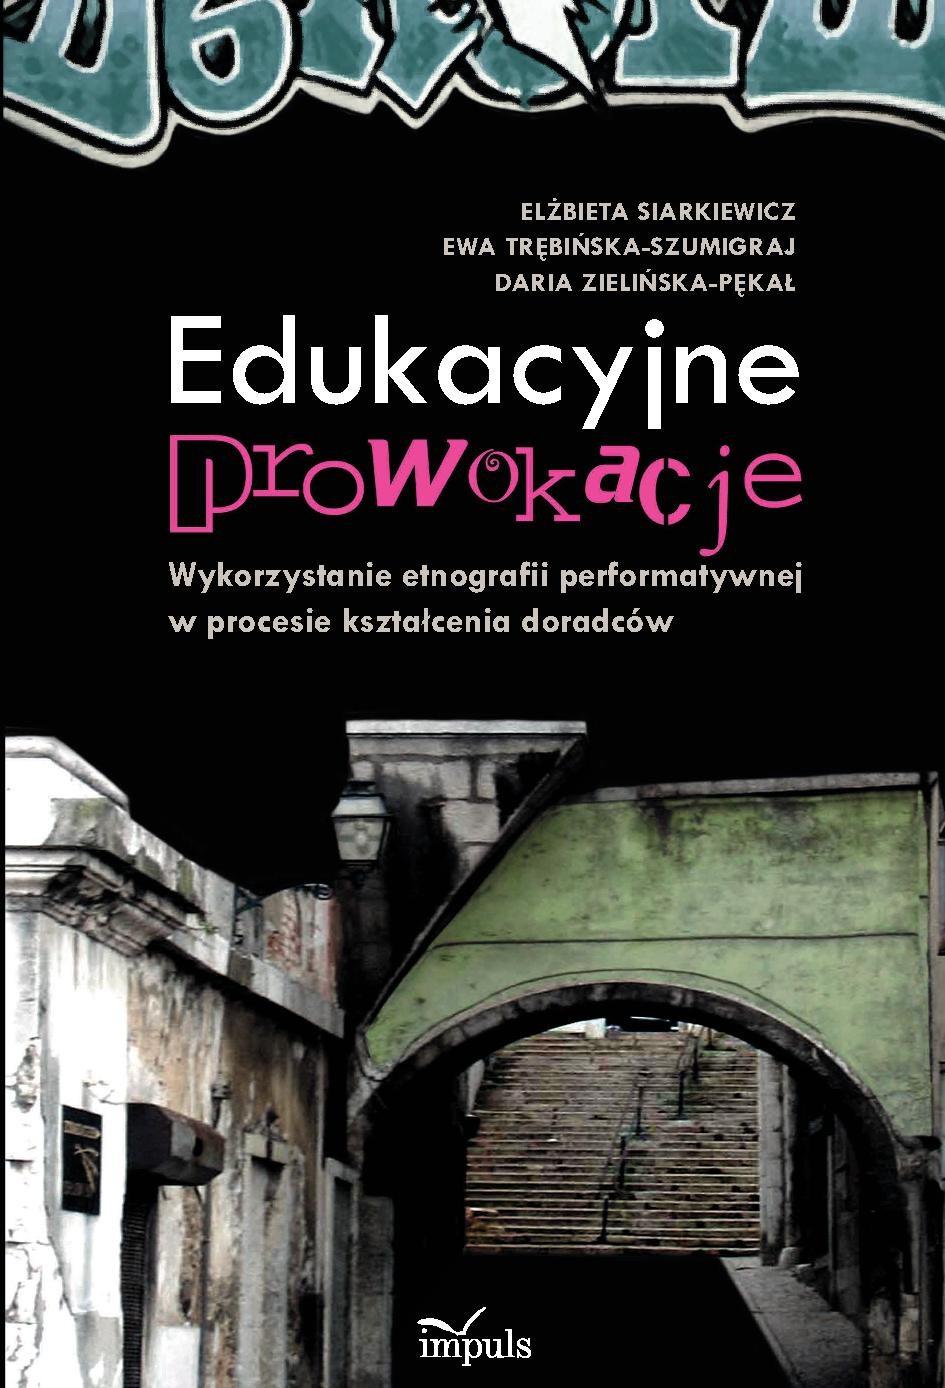 Edukacyjne prowokacje - Ebook (Książka PDF) do pobrania w formacie PDF